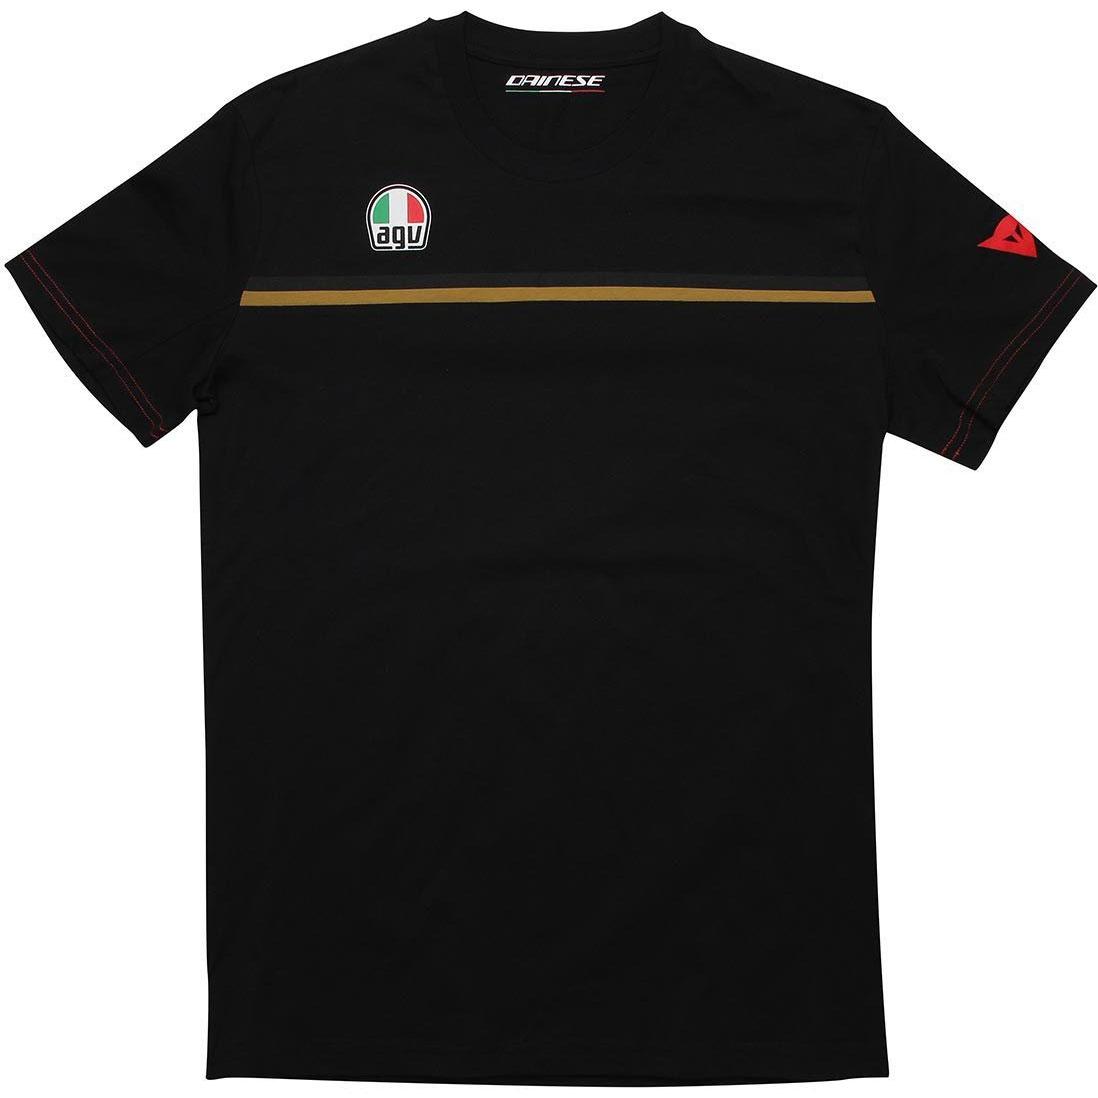 Dainese T-shirt Fast-7 Nero